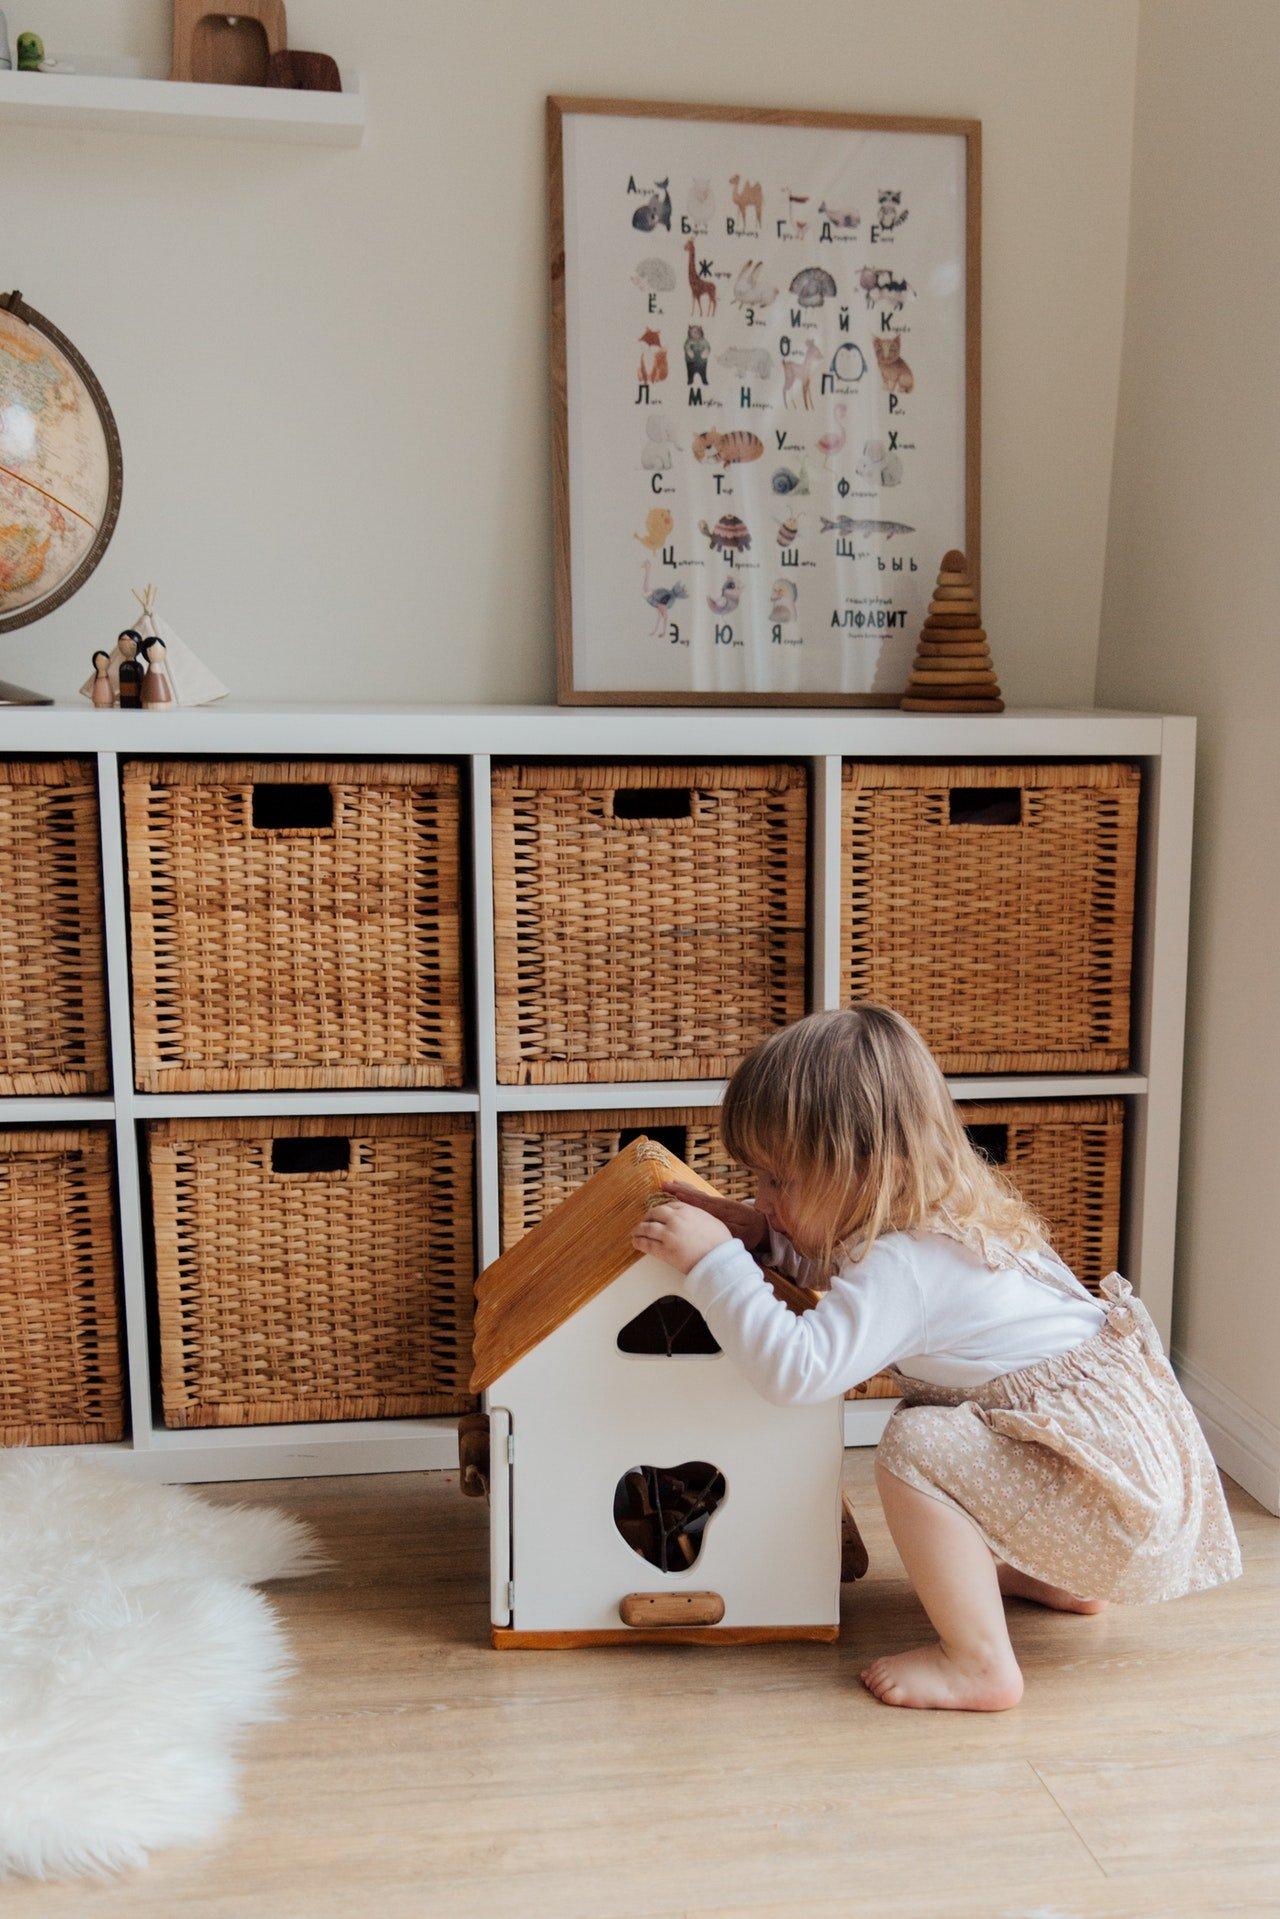 Drewniany domek dla lalek z oświetleniem, które umili dziecku zabawę.